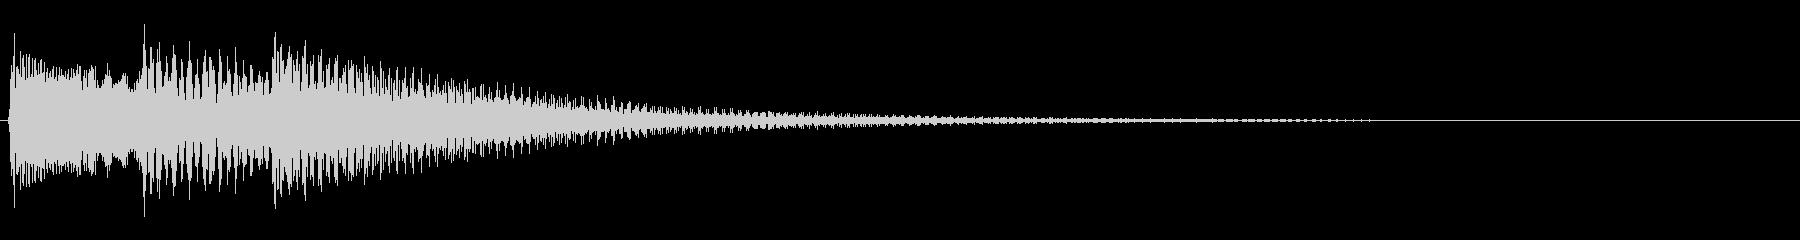 KANTアイキャッチ46の未再生の波形